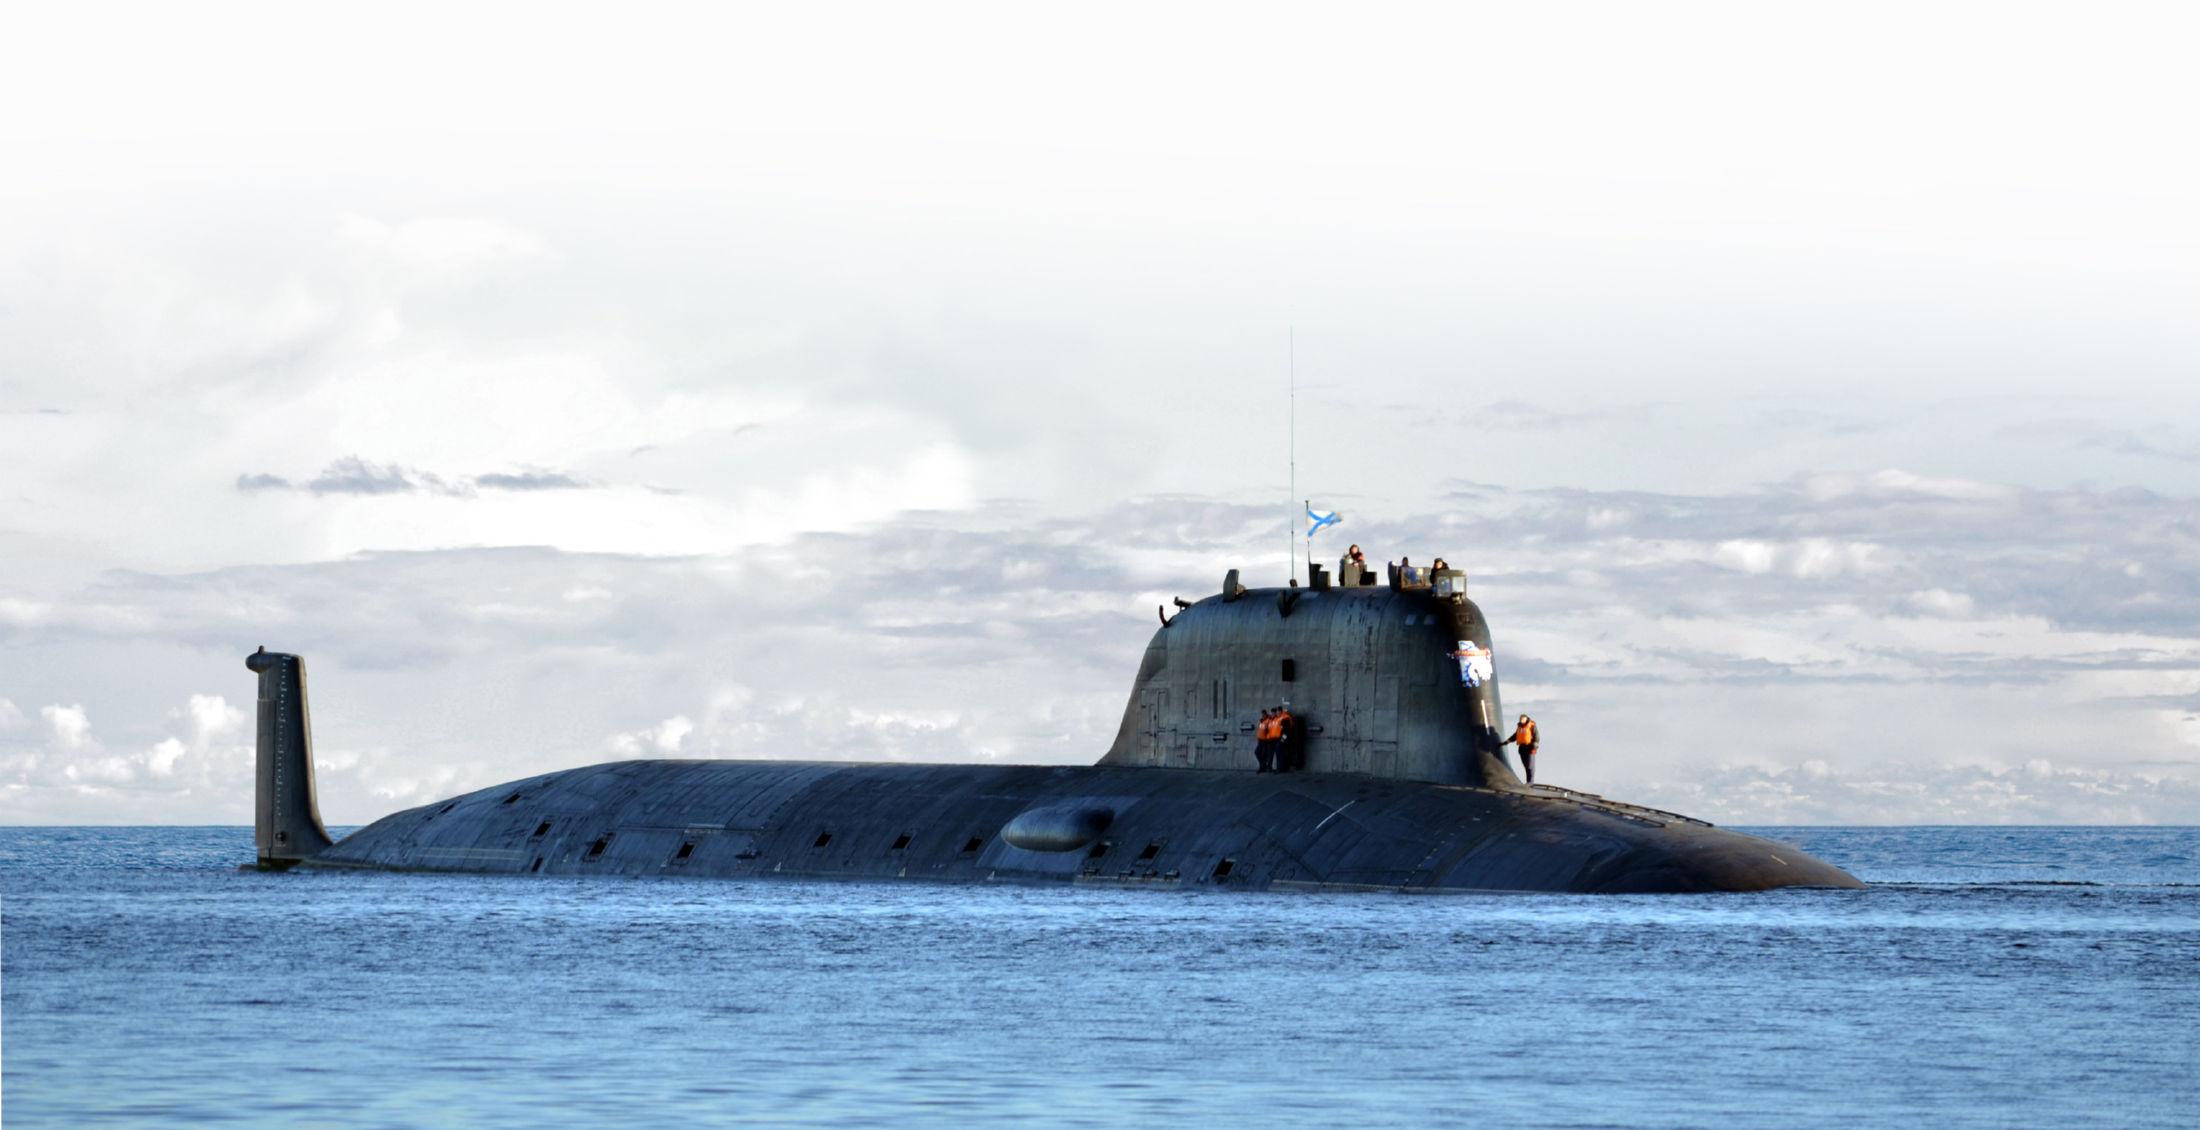 セヴマシュ造船所はロシア海軍第...